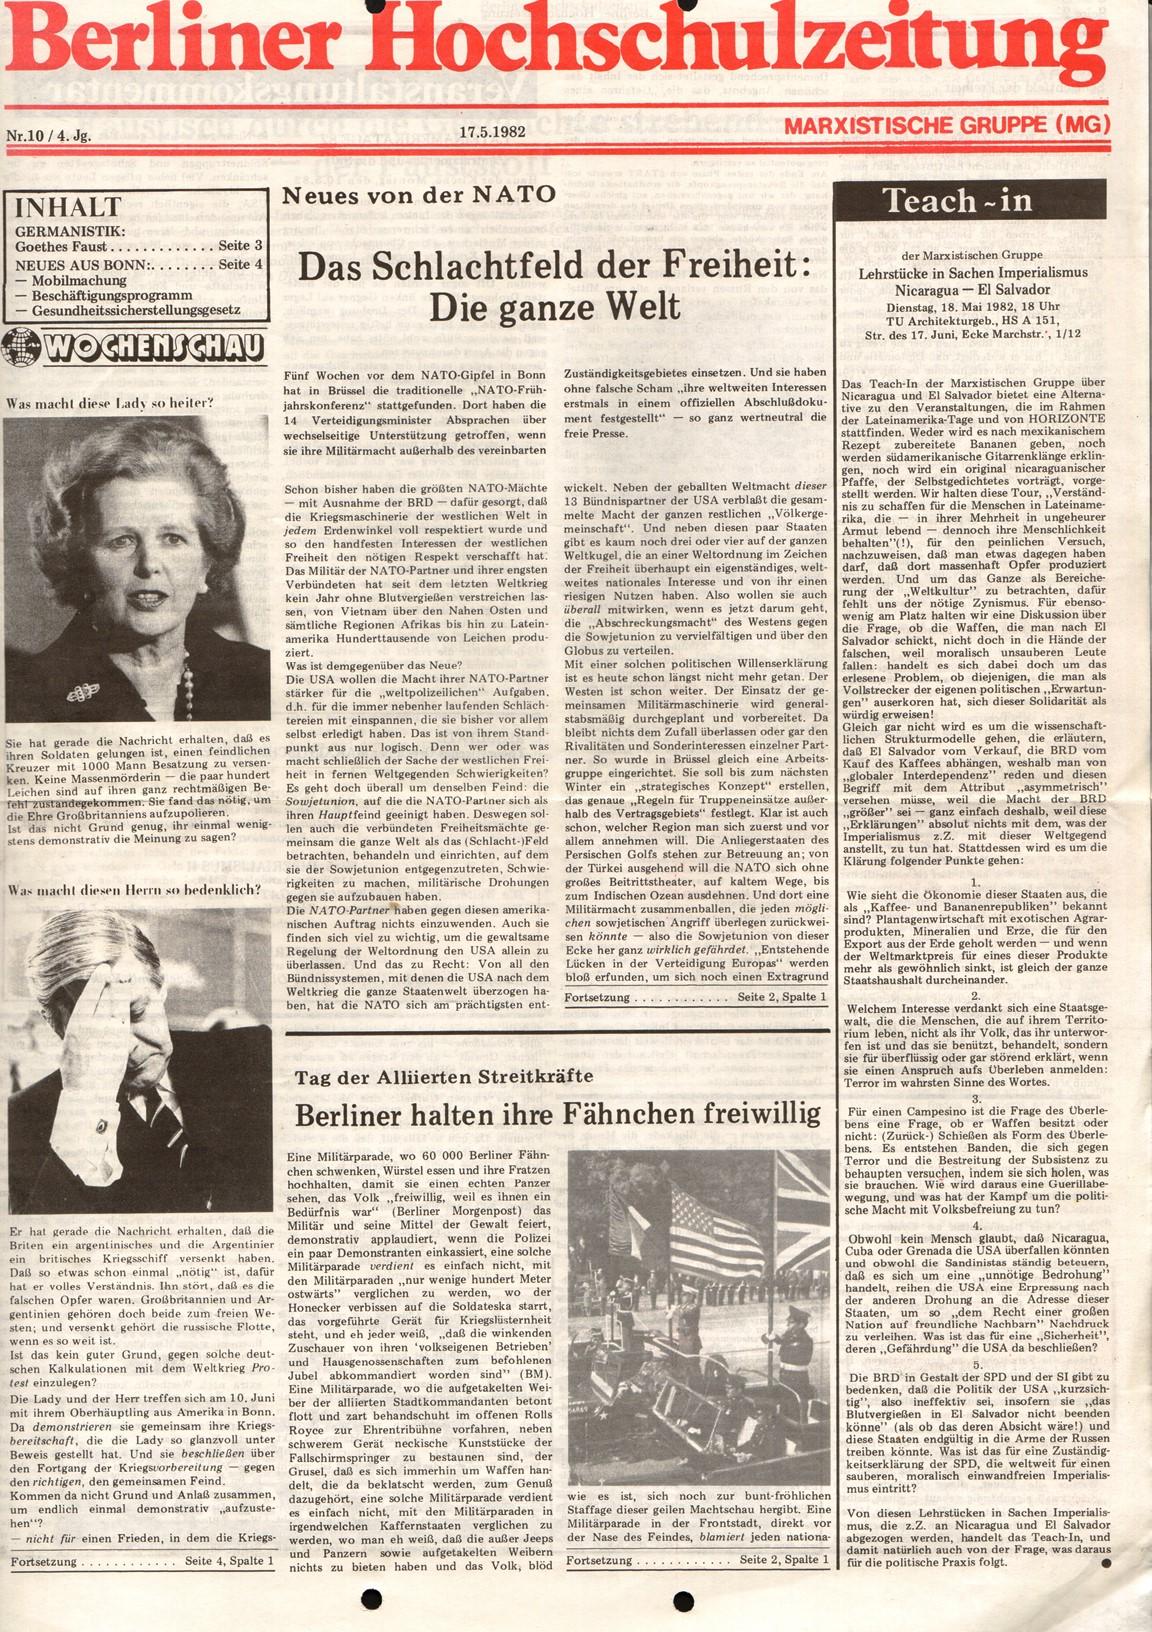 Berlin_MG_Hochschulzeitung_19820517_01